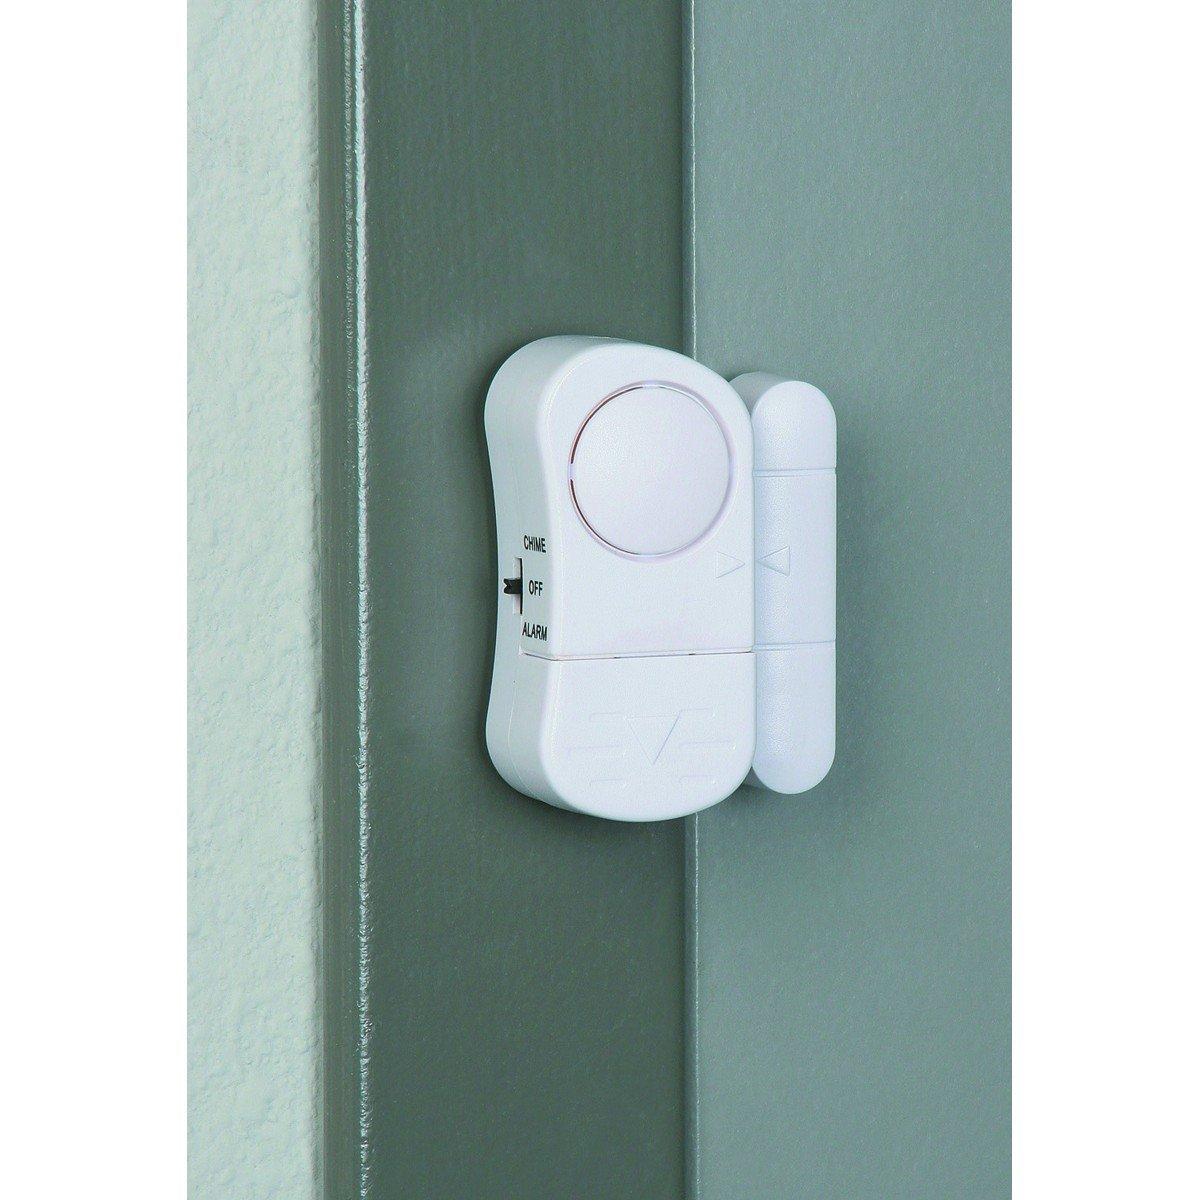 Door/Window Entry Alarm with Magnetic Sensor, Pack of 10